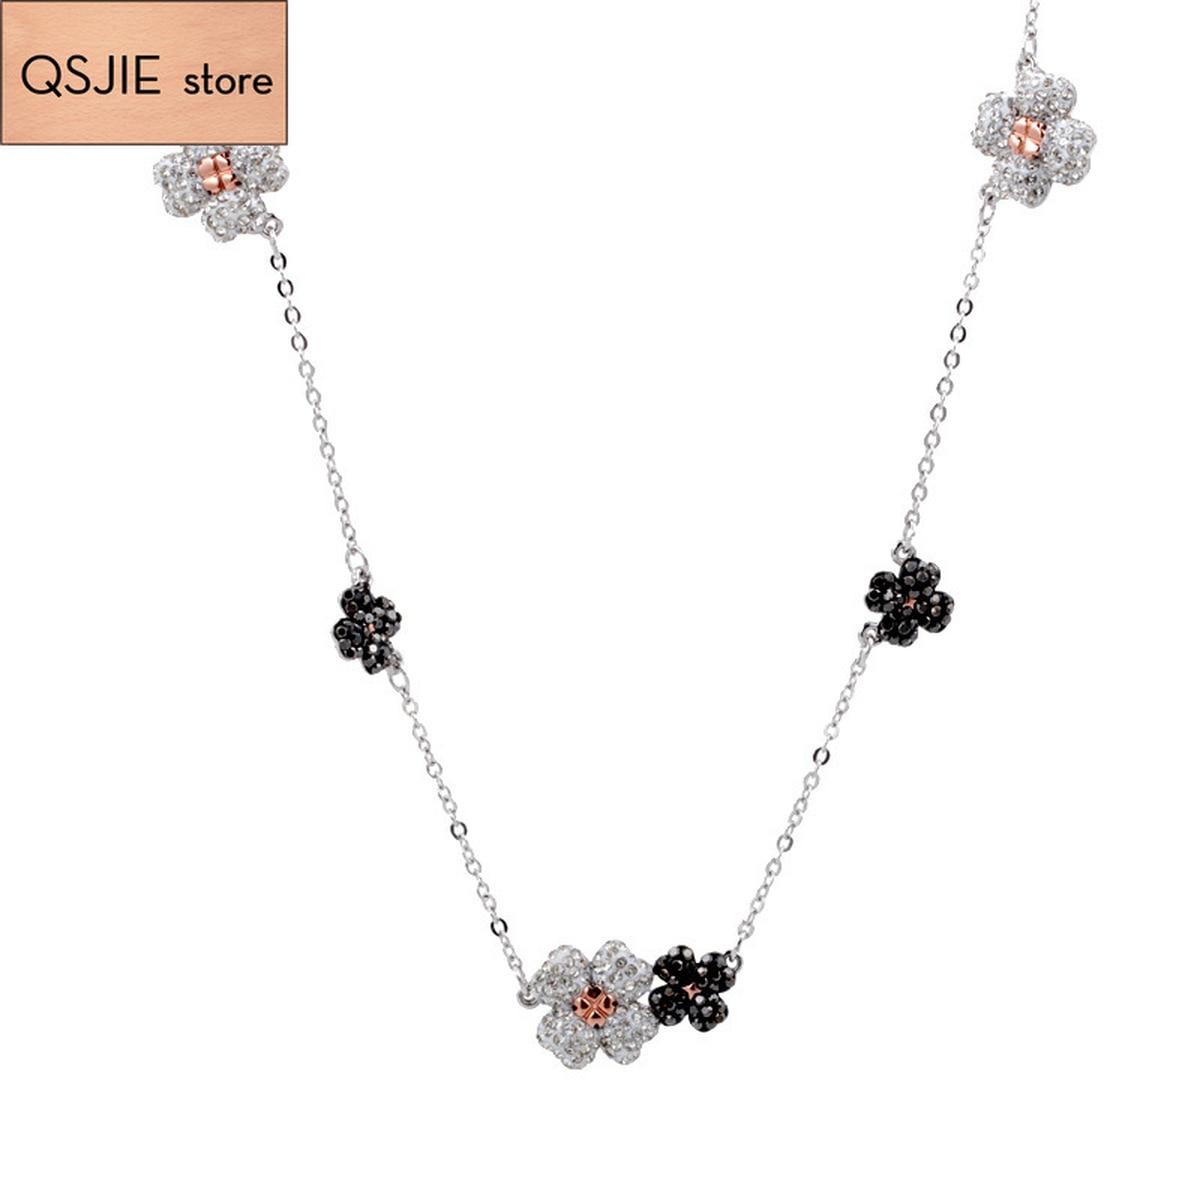 QSJIE High Quality SWA New Austrian Crystal Double-sided Tetrafolium Flower Necklace Glamorous fashion jewelry